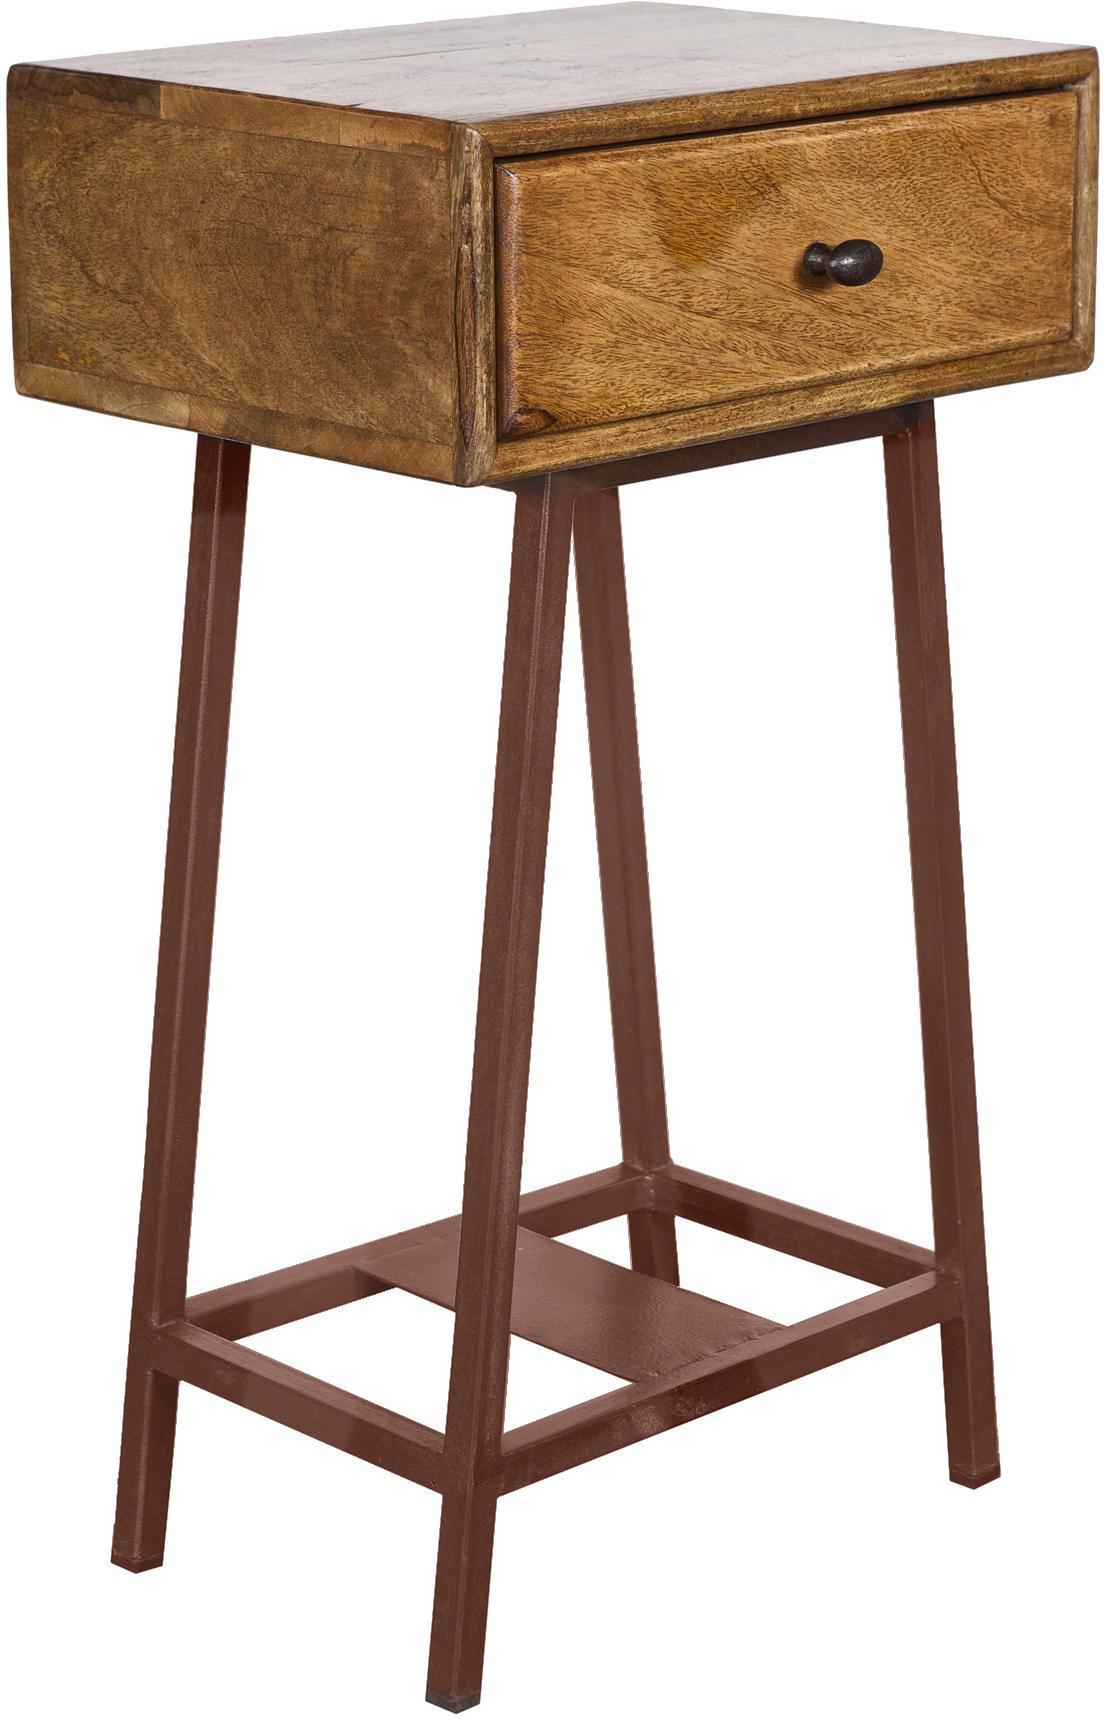 Mesa auxiliar Skybox, Madera de pino, marrón rojizo, An 40 x Al 70 cm